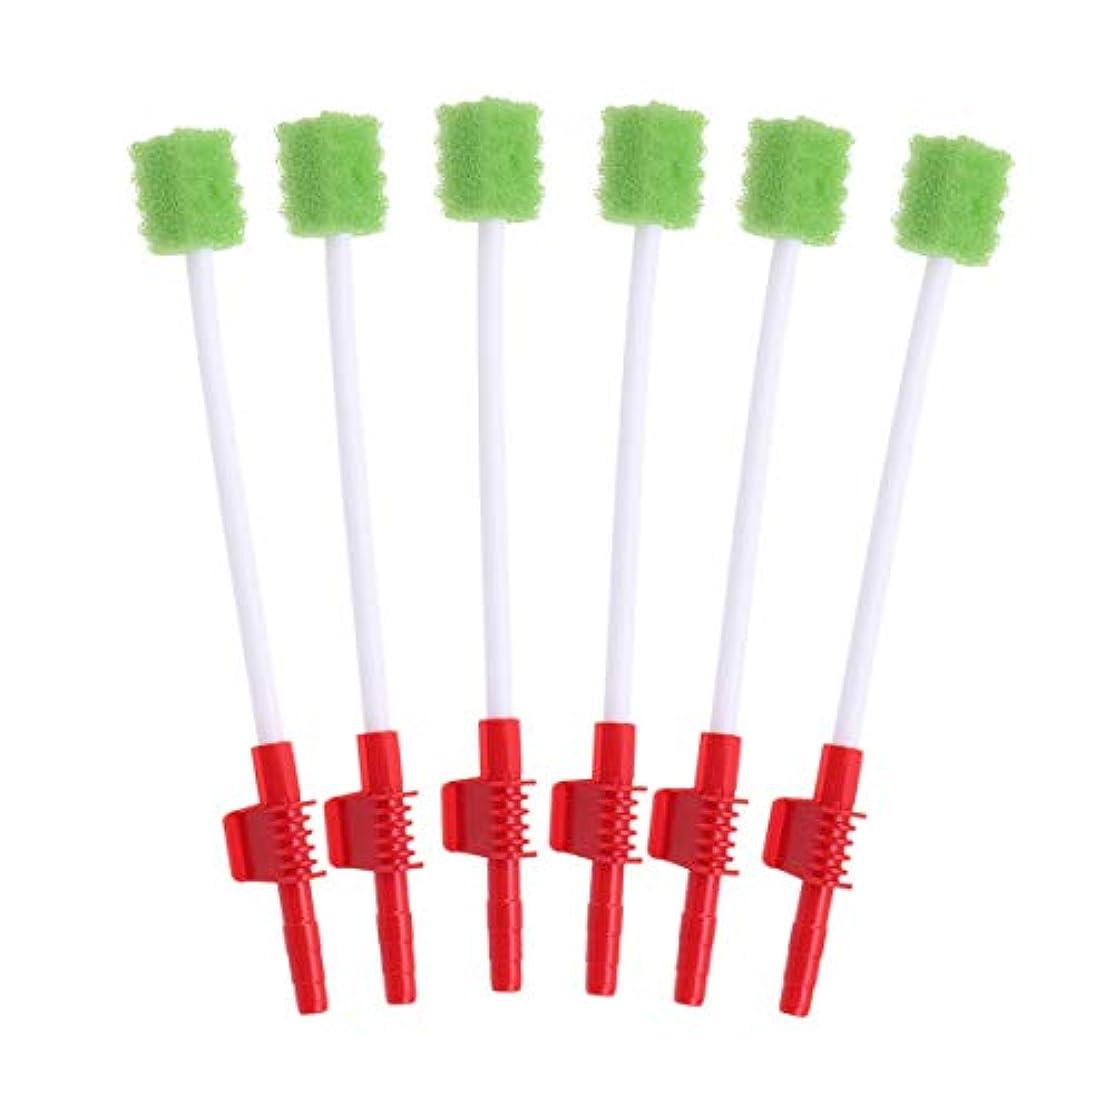 合理的確率罪人Healifty 使い捨ての口腔ケア綿棒吸引口腔スワブスポンジ歯ブラシ10個